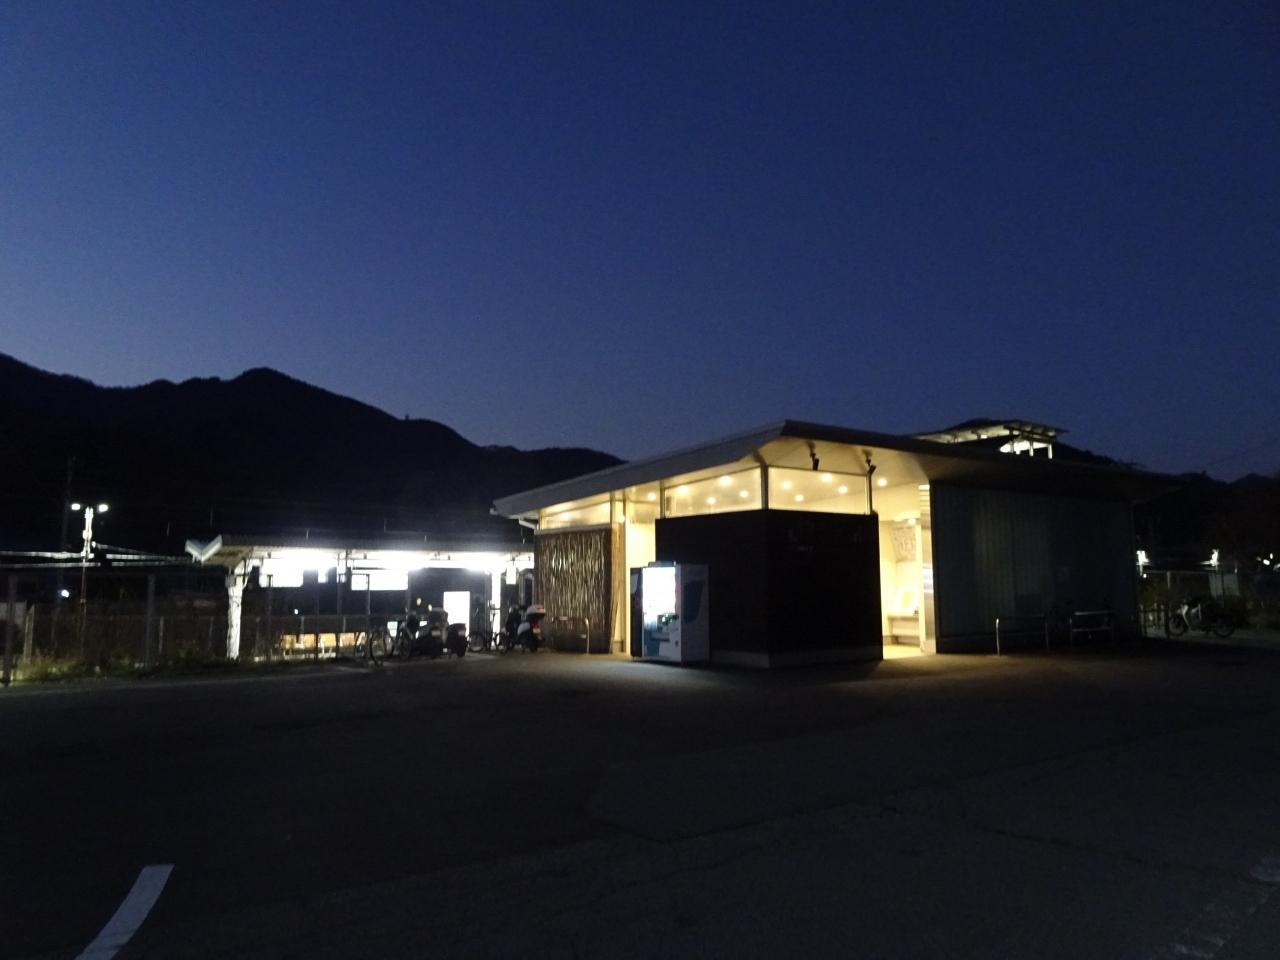 JRを乗り継いで山梨県に入り、中央線の鳥沢駅で下車。